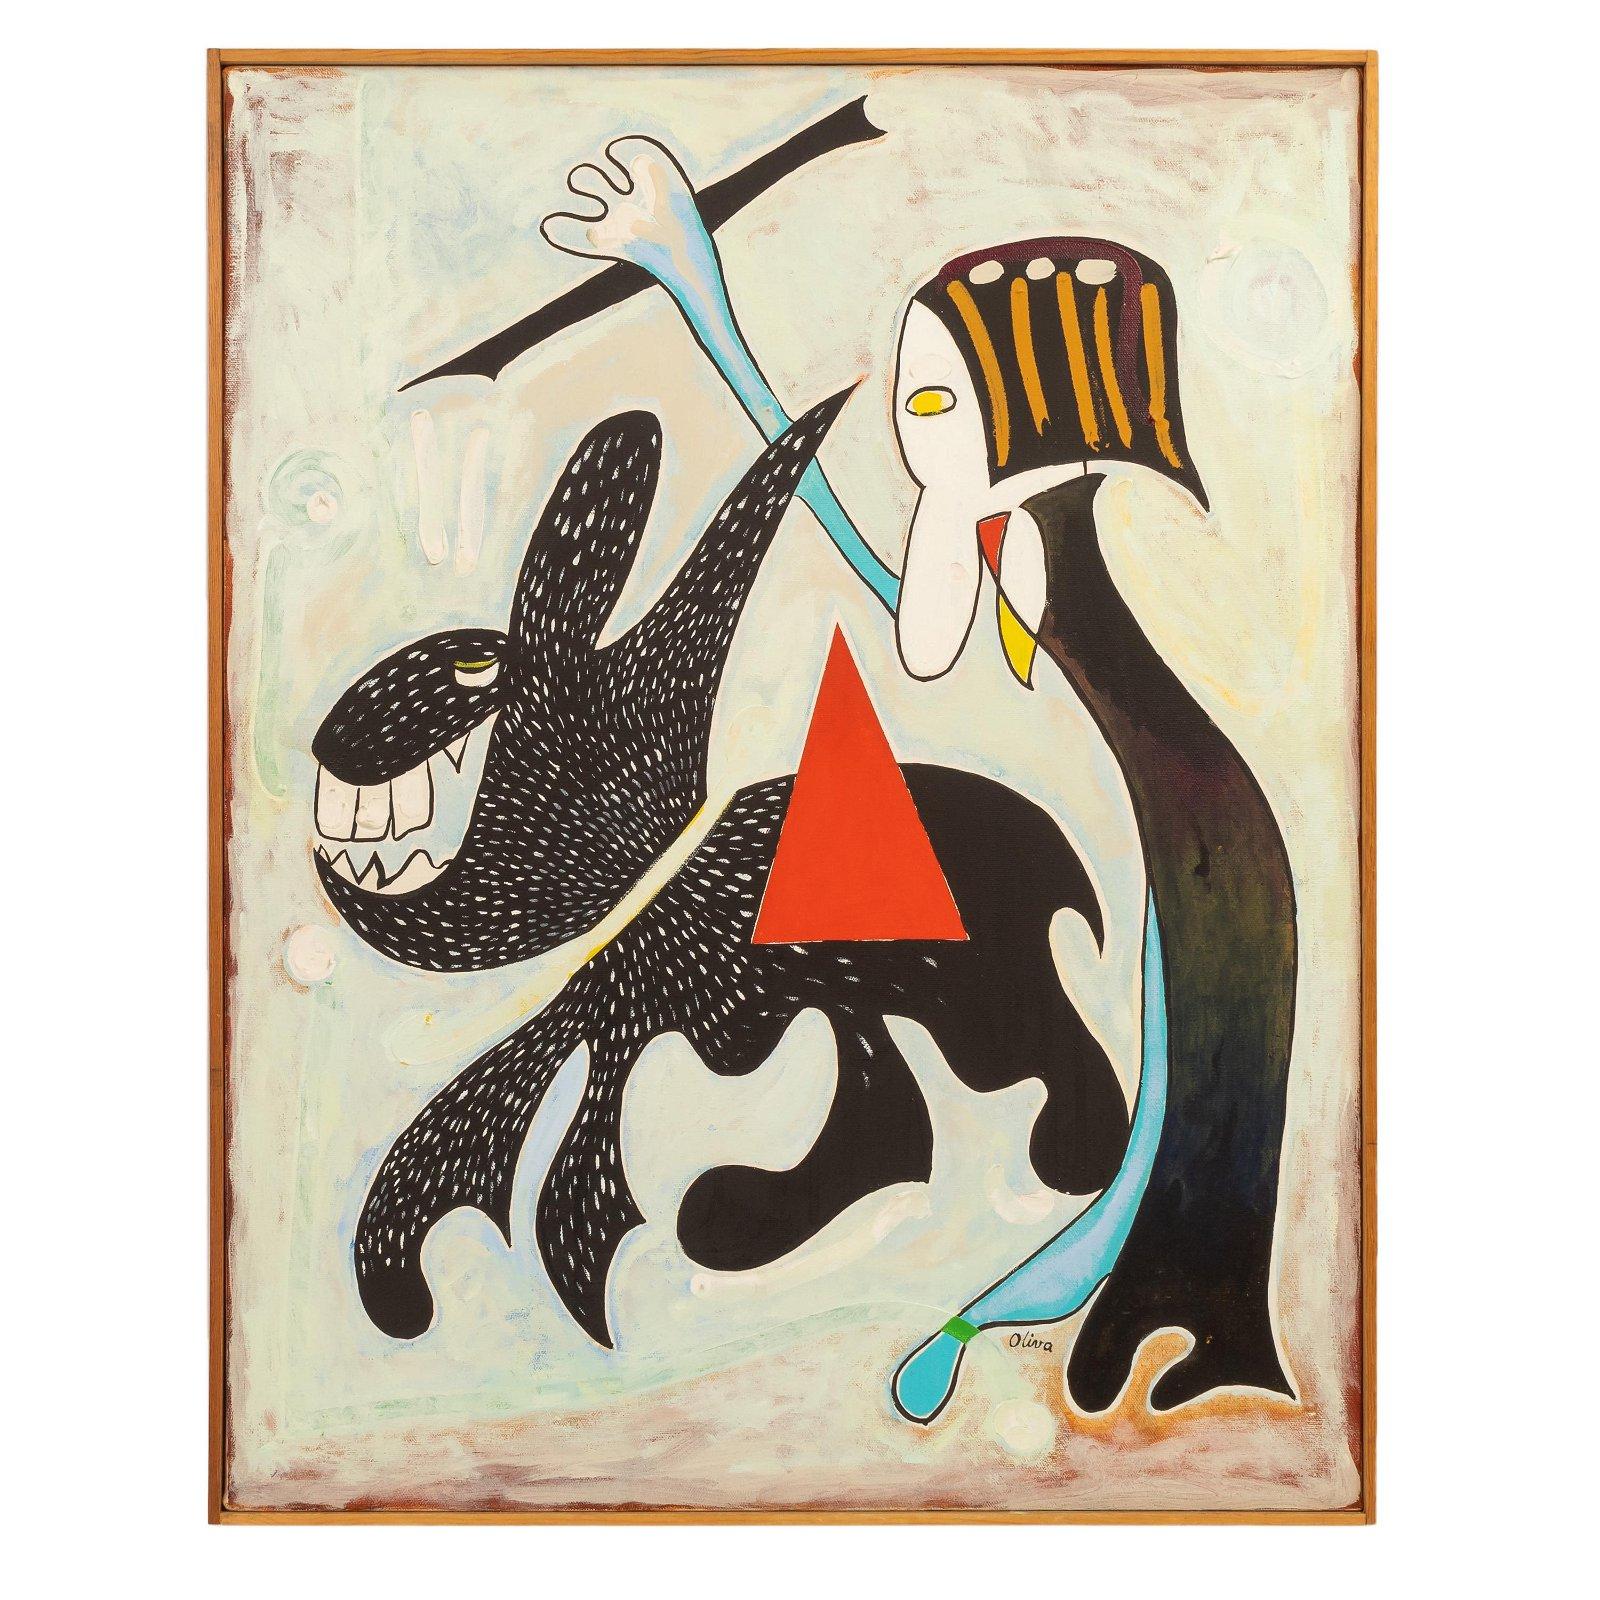 Eduard Oliva 1985 Oil On Canvas Cubist Painting